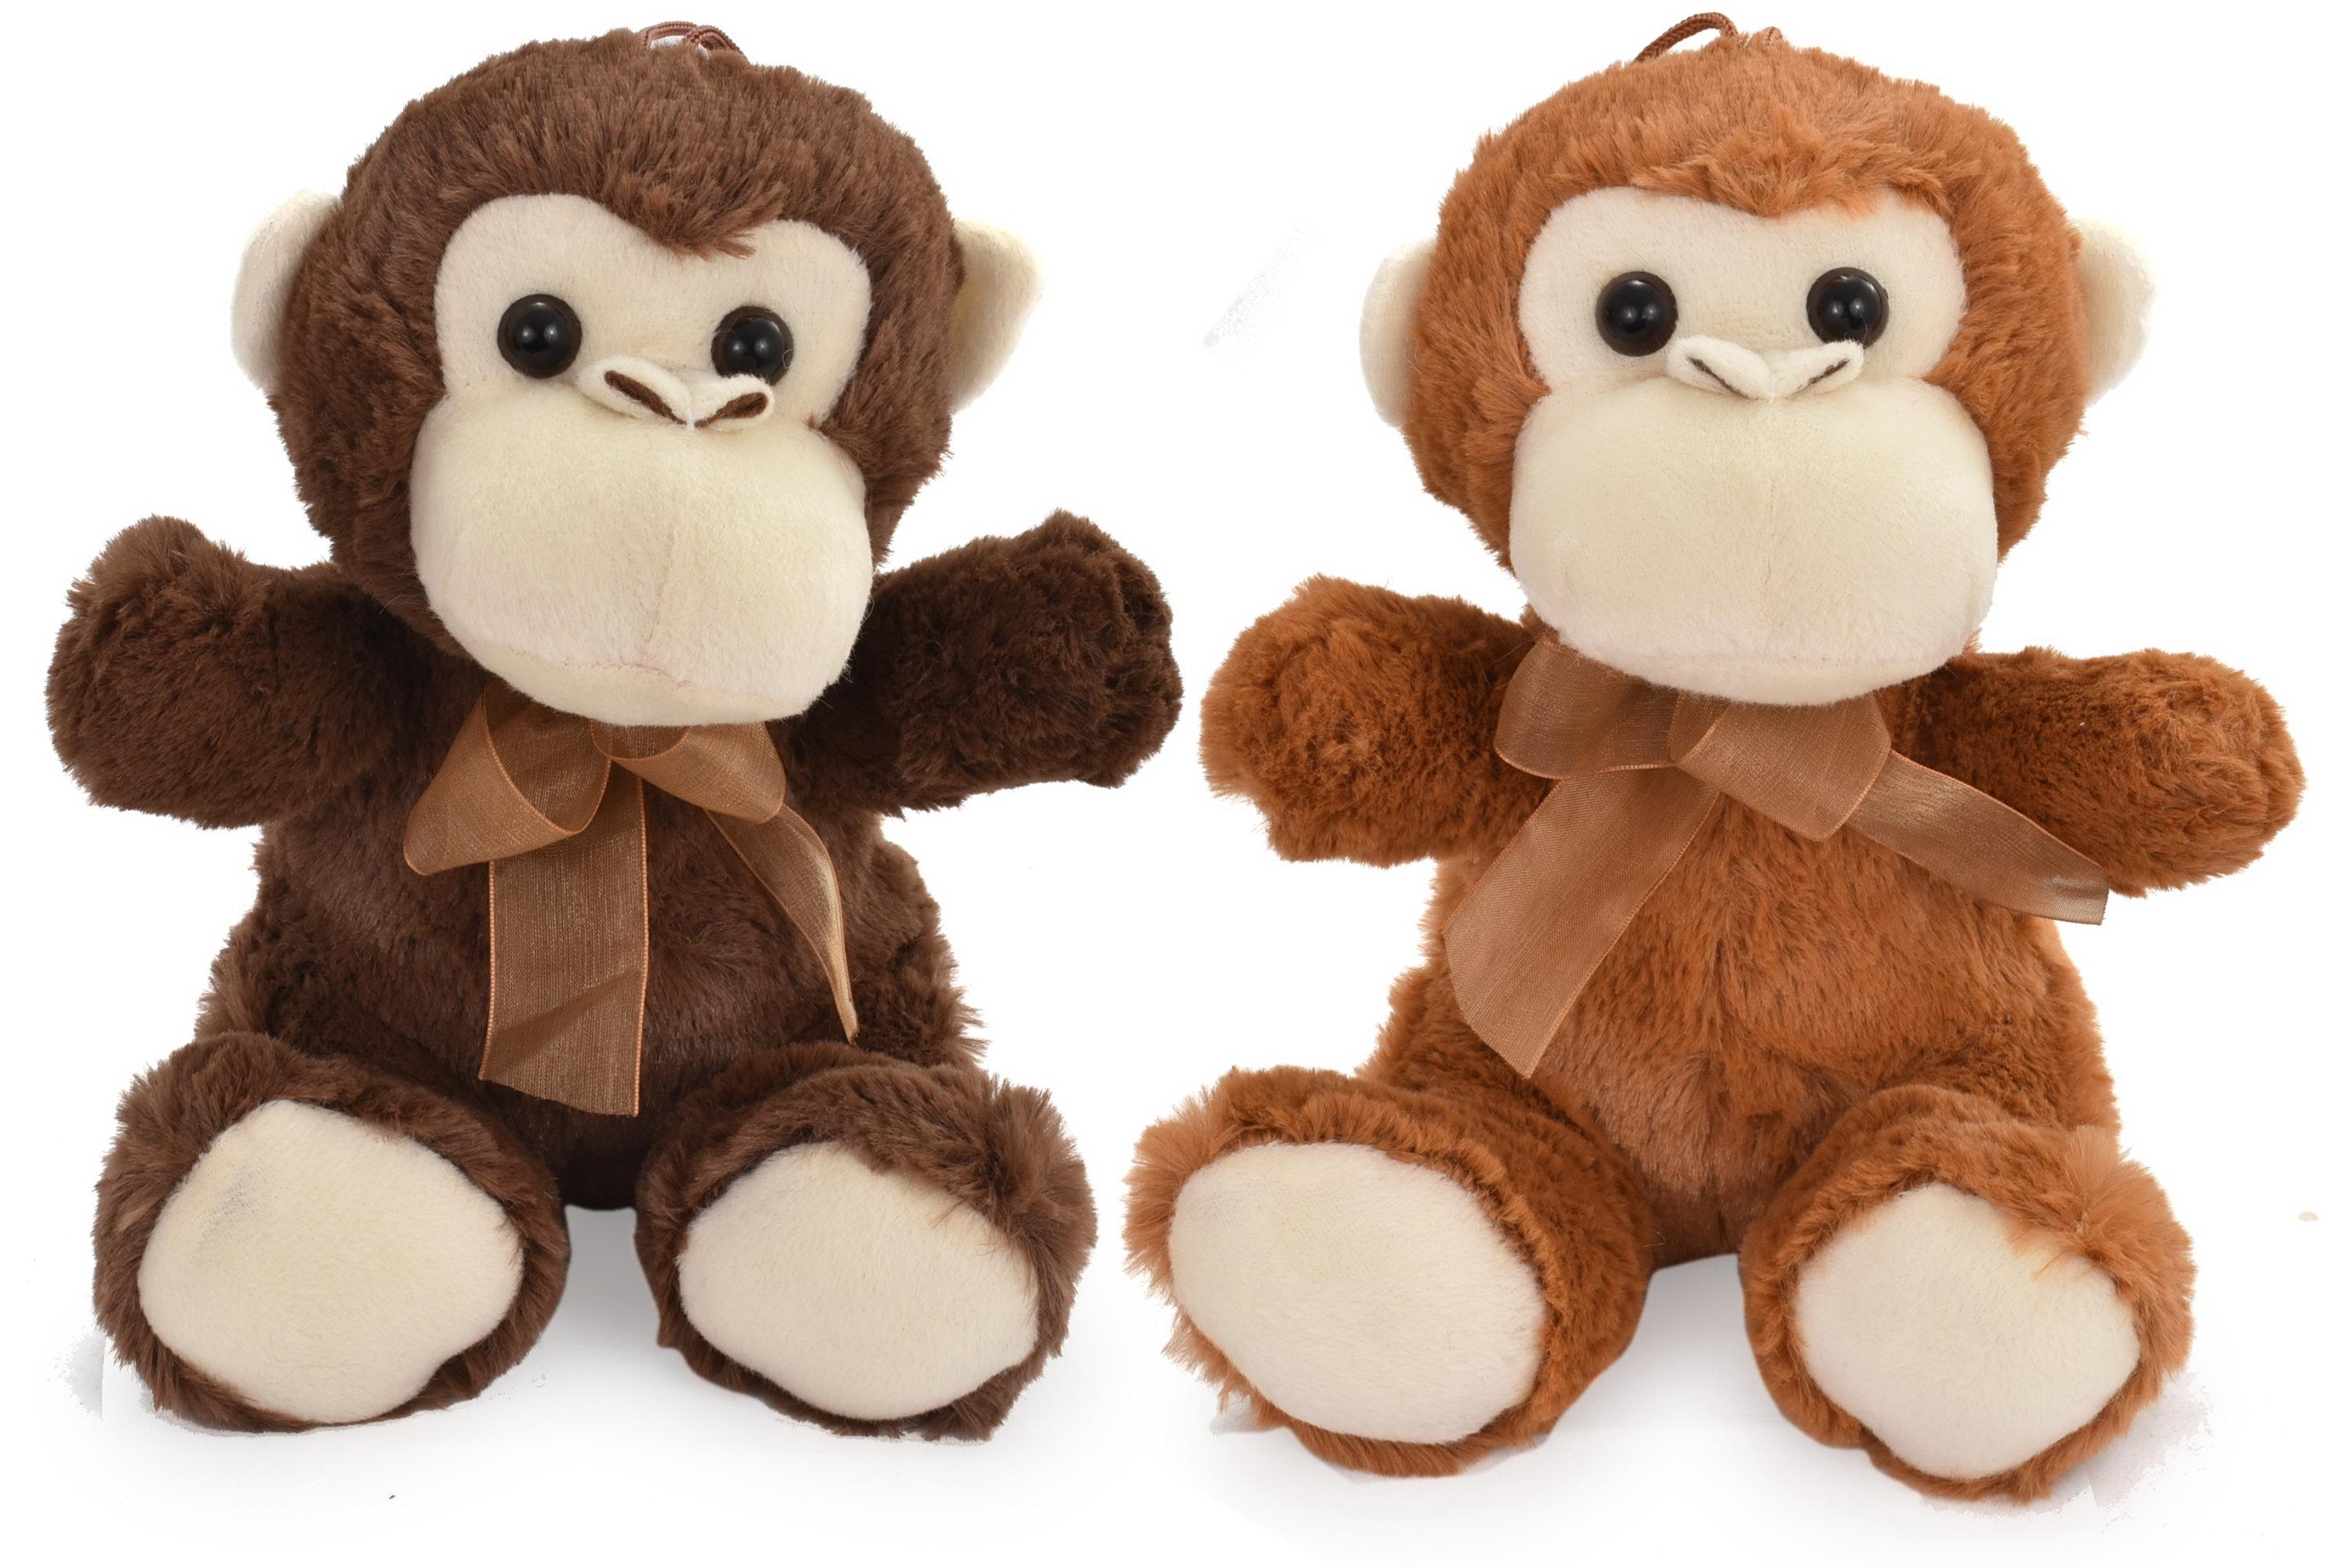 20cm Plush Monkeys - 2 Assorted Colours